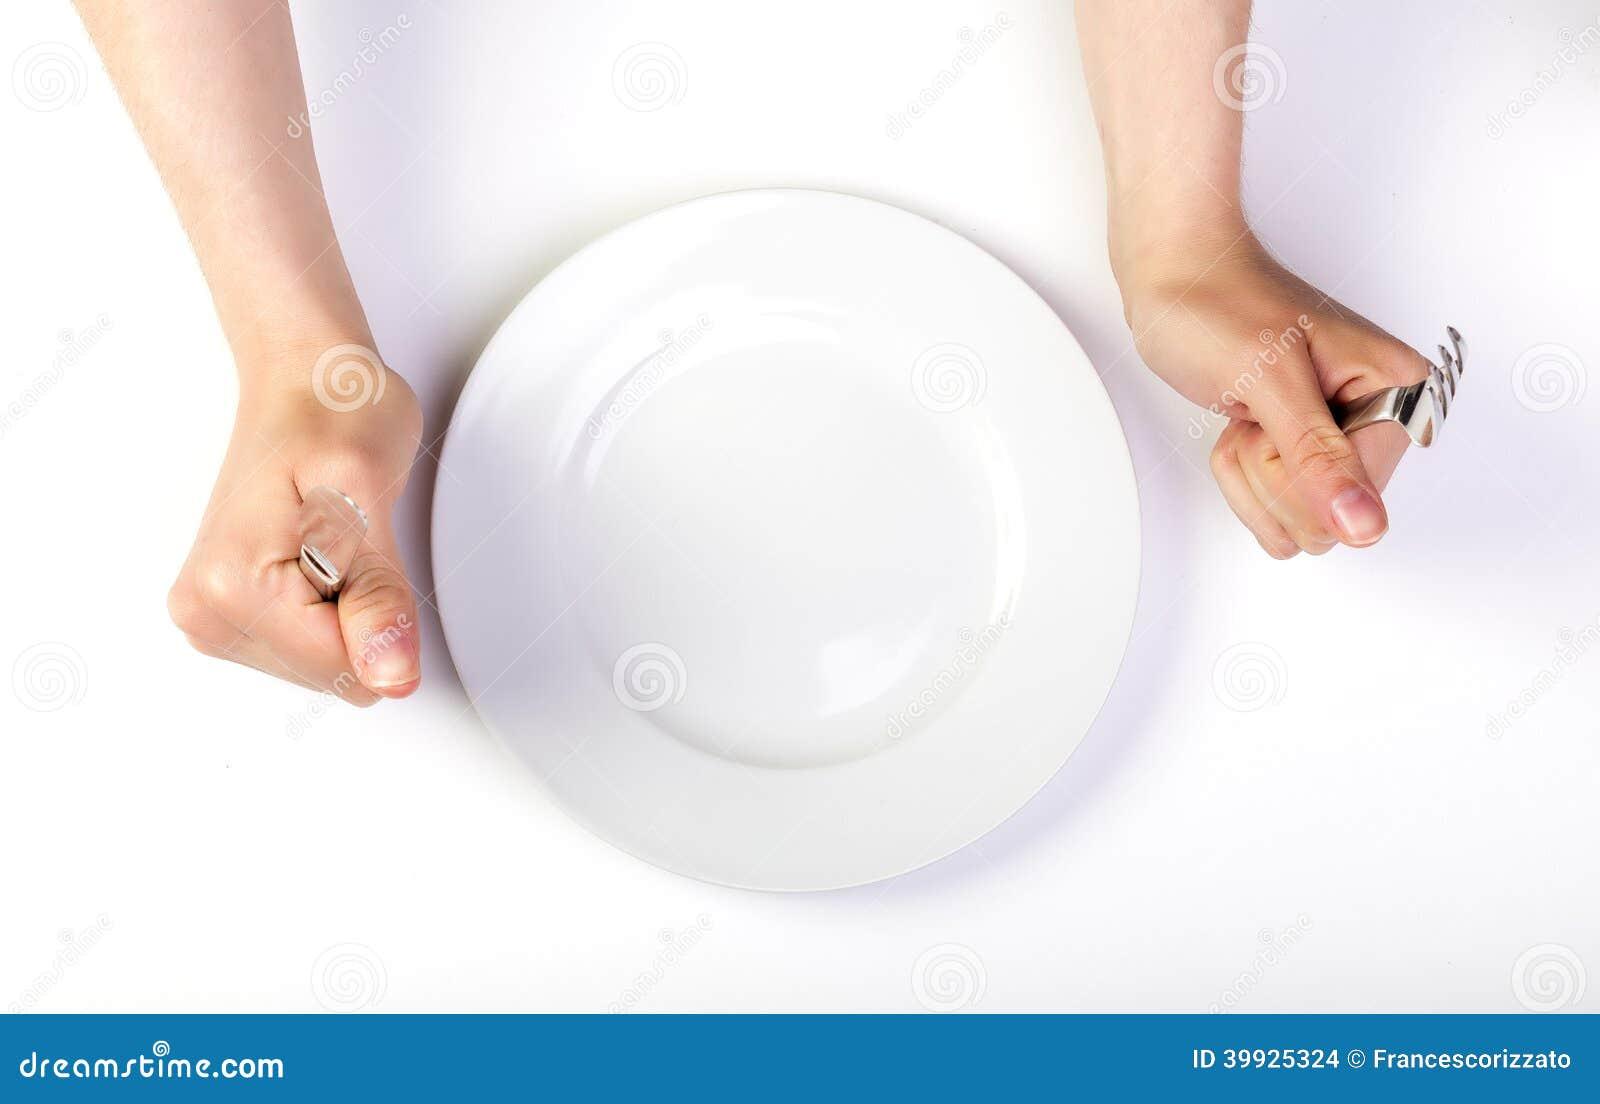 拿着叉子和刀子的女性手在一块空的板材旁边